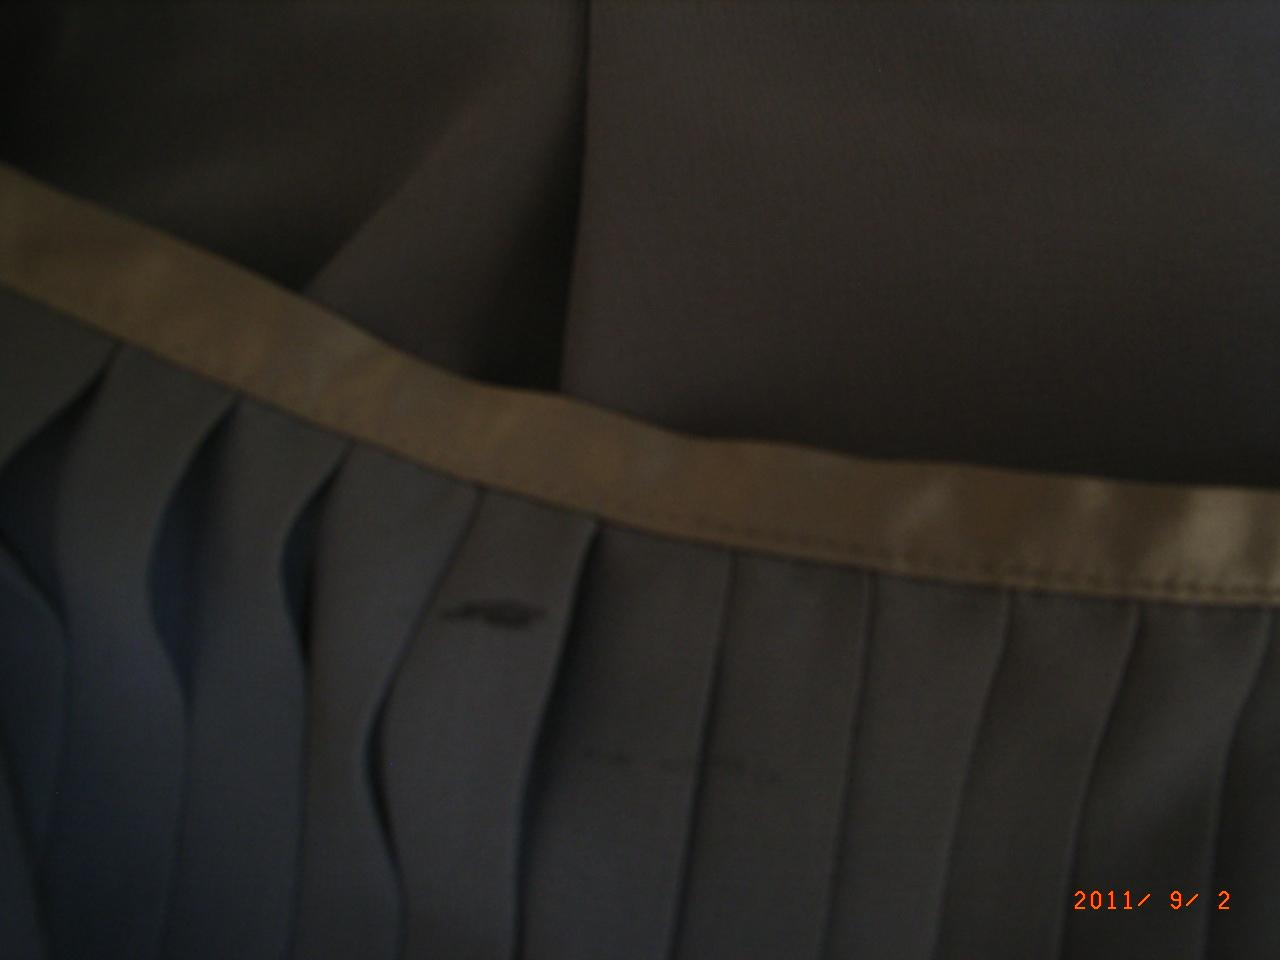 petits prix vide dressing de Flora : LES PETITES - Jupe plissée grise - T40 - NEUVE